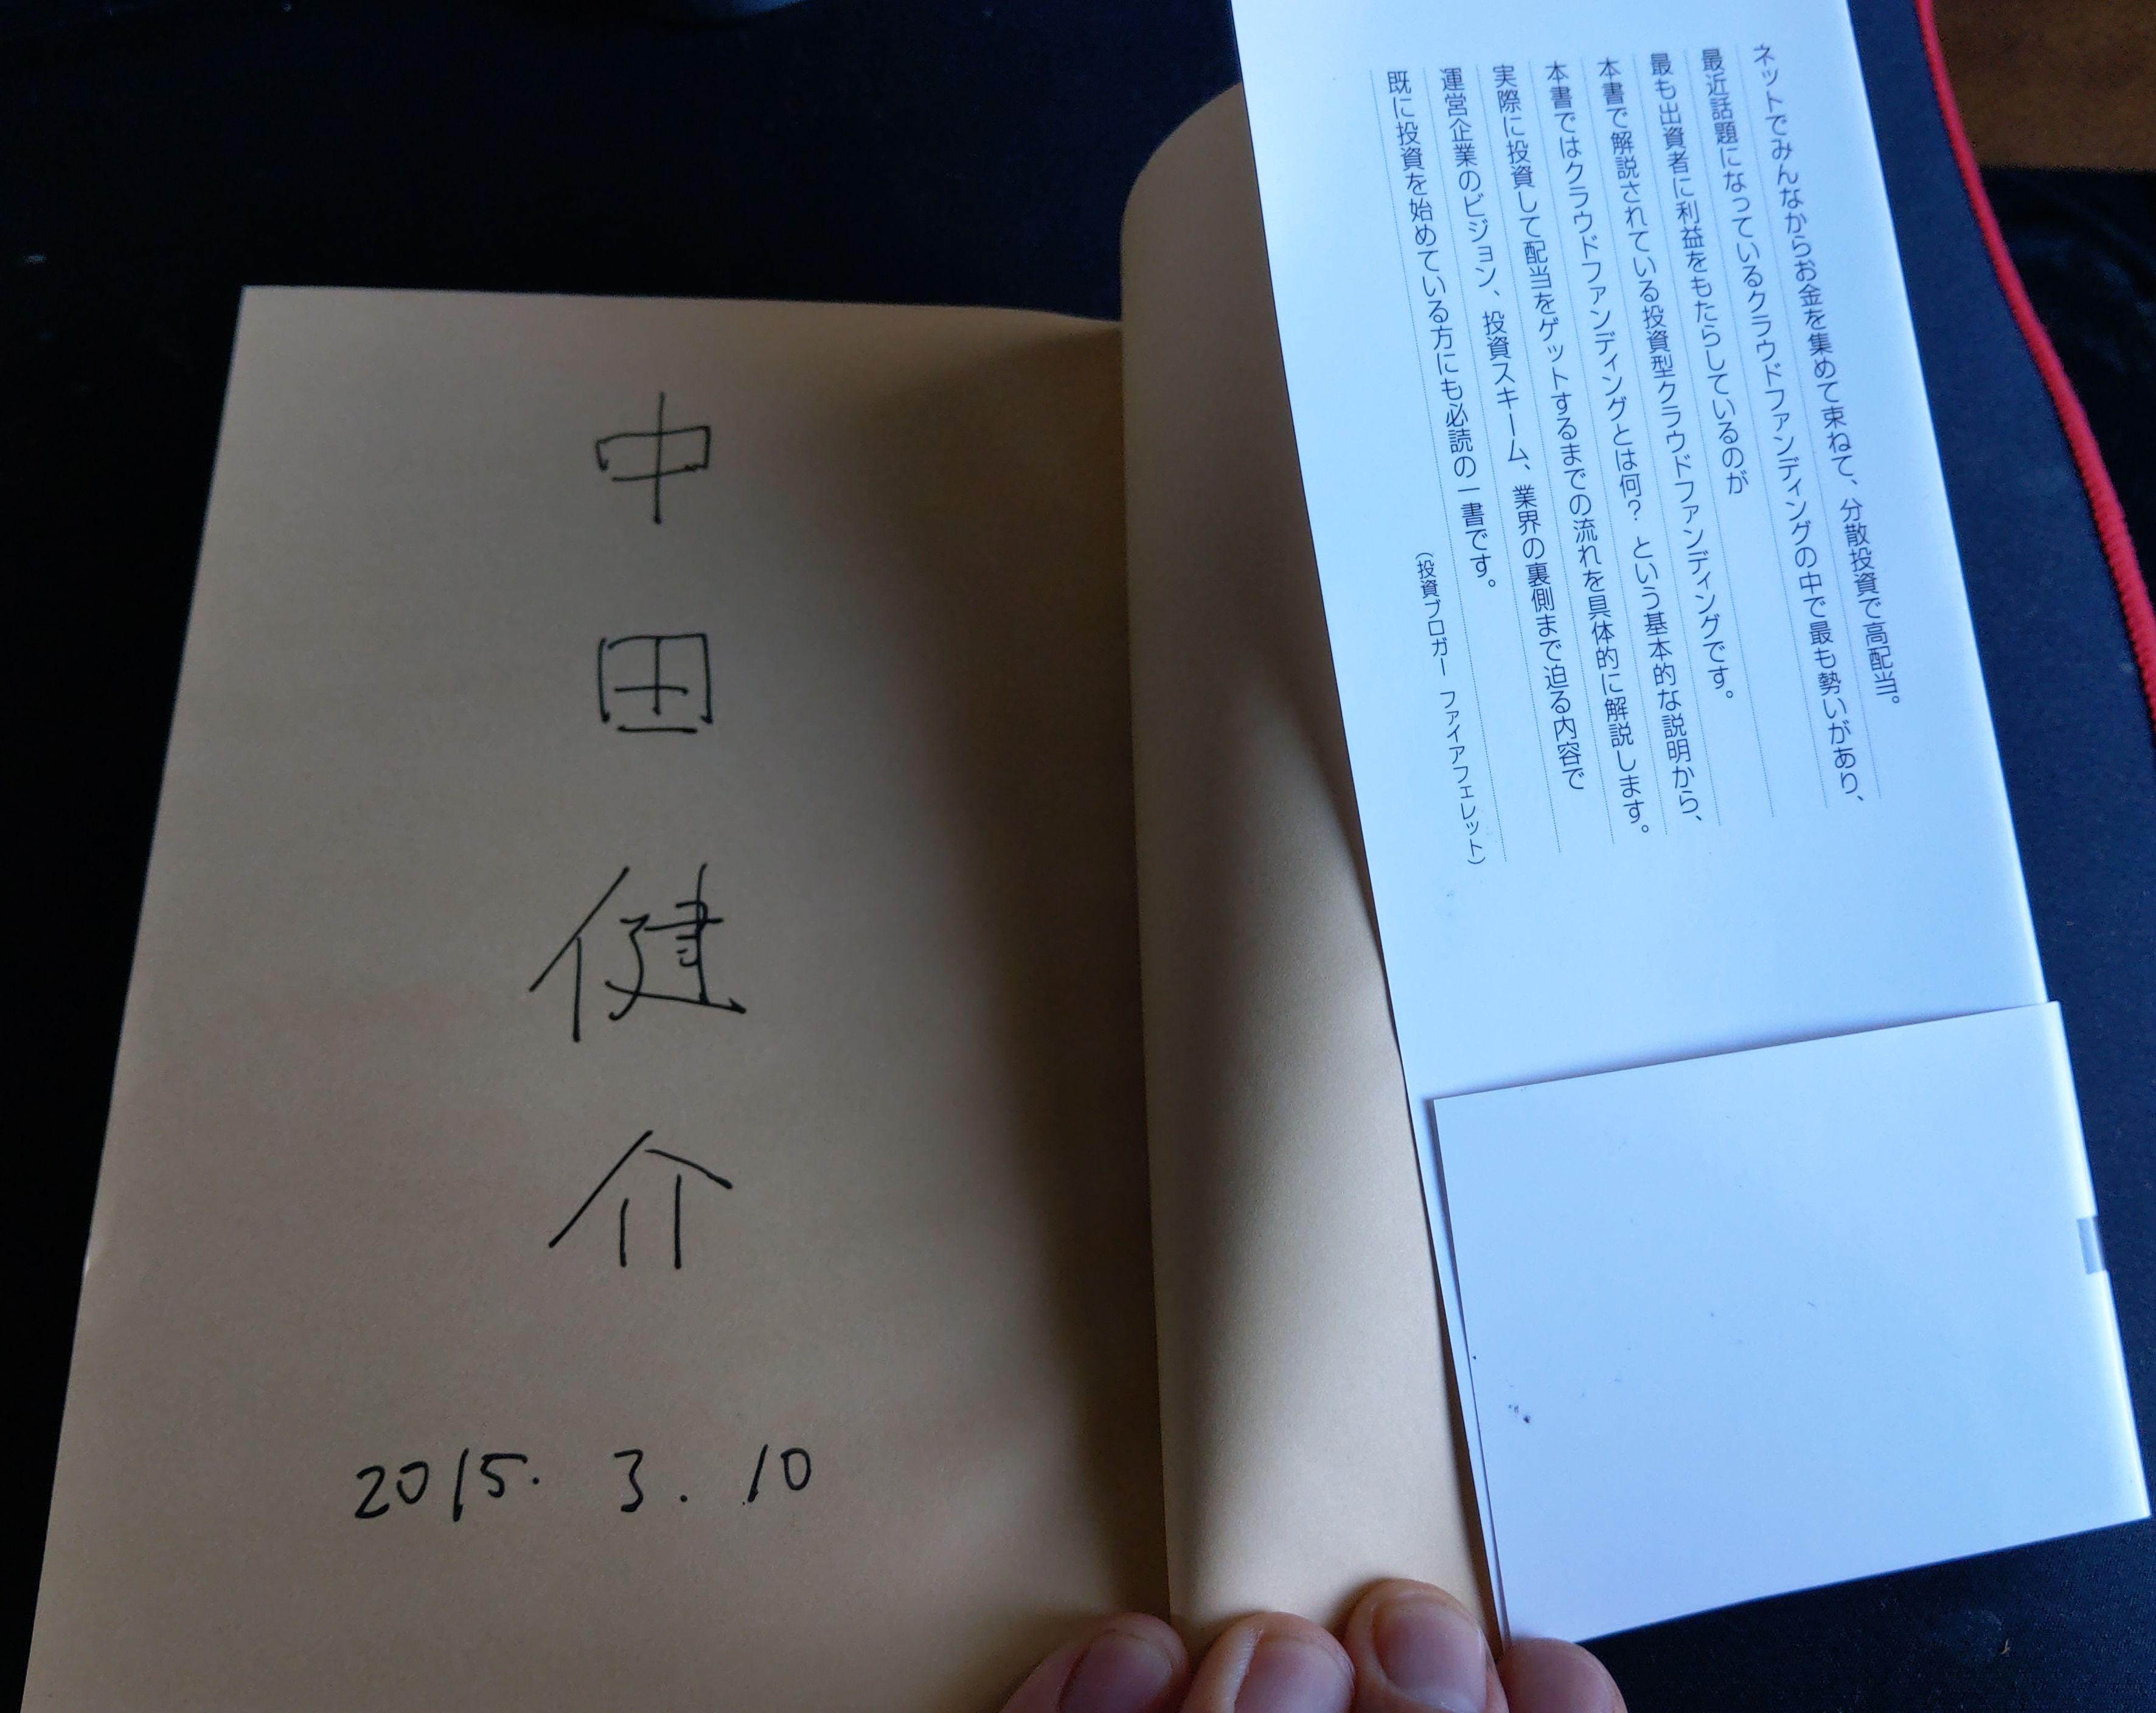 中田健介(けにごろう)さん、「年利7%! 今こそ「金利」で資産を殖やしなさい!」04